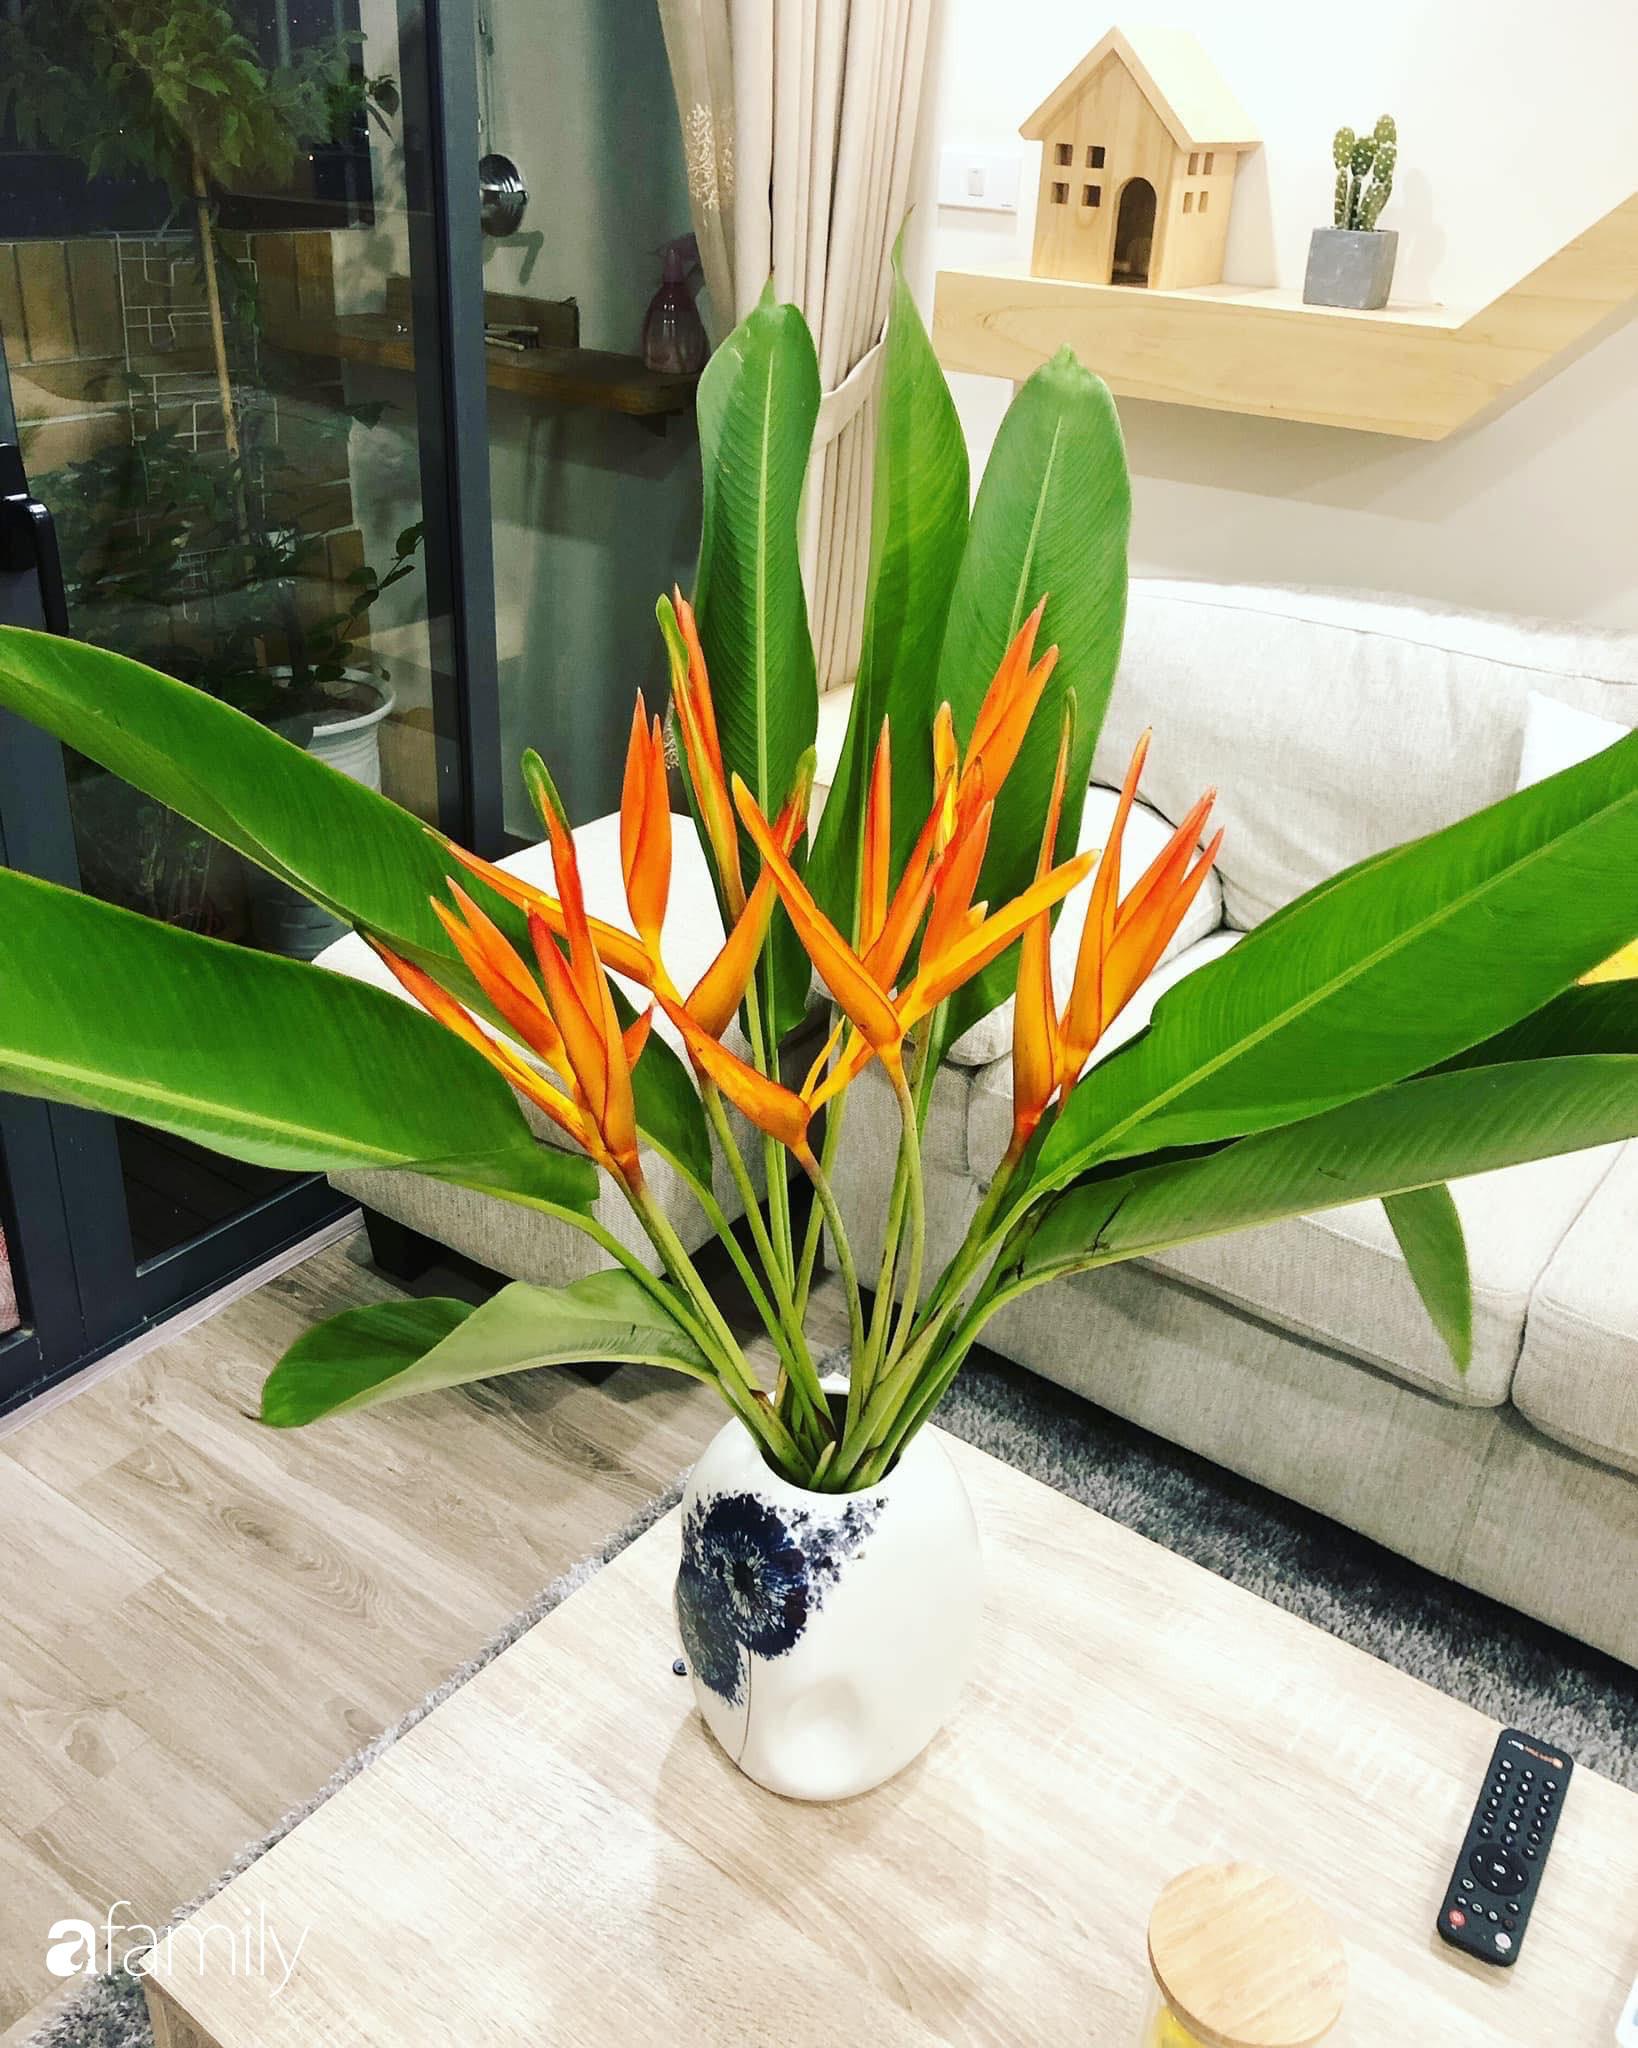 Căn hộ 76,9m2 đầm ấm với sắc hoa dịu dàng đón Tết ở Mỹ Đình, Hà Nội - Ảnh 13.